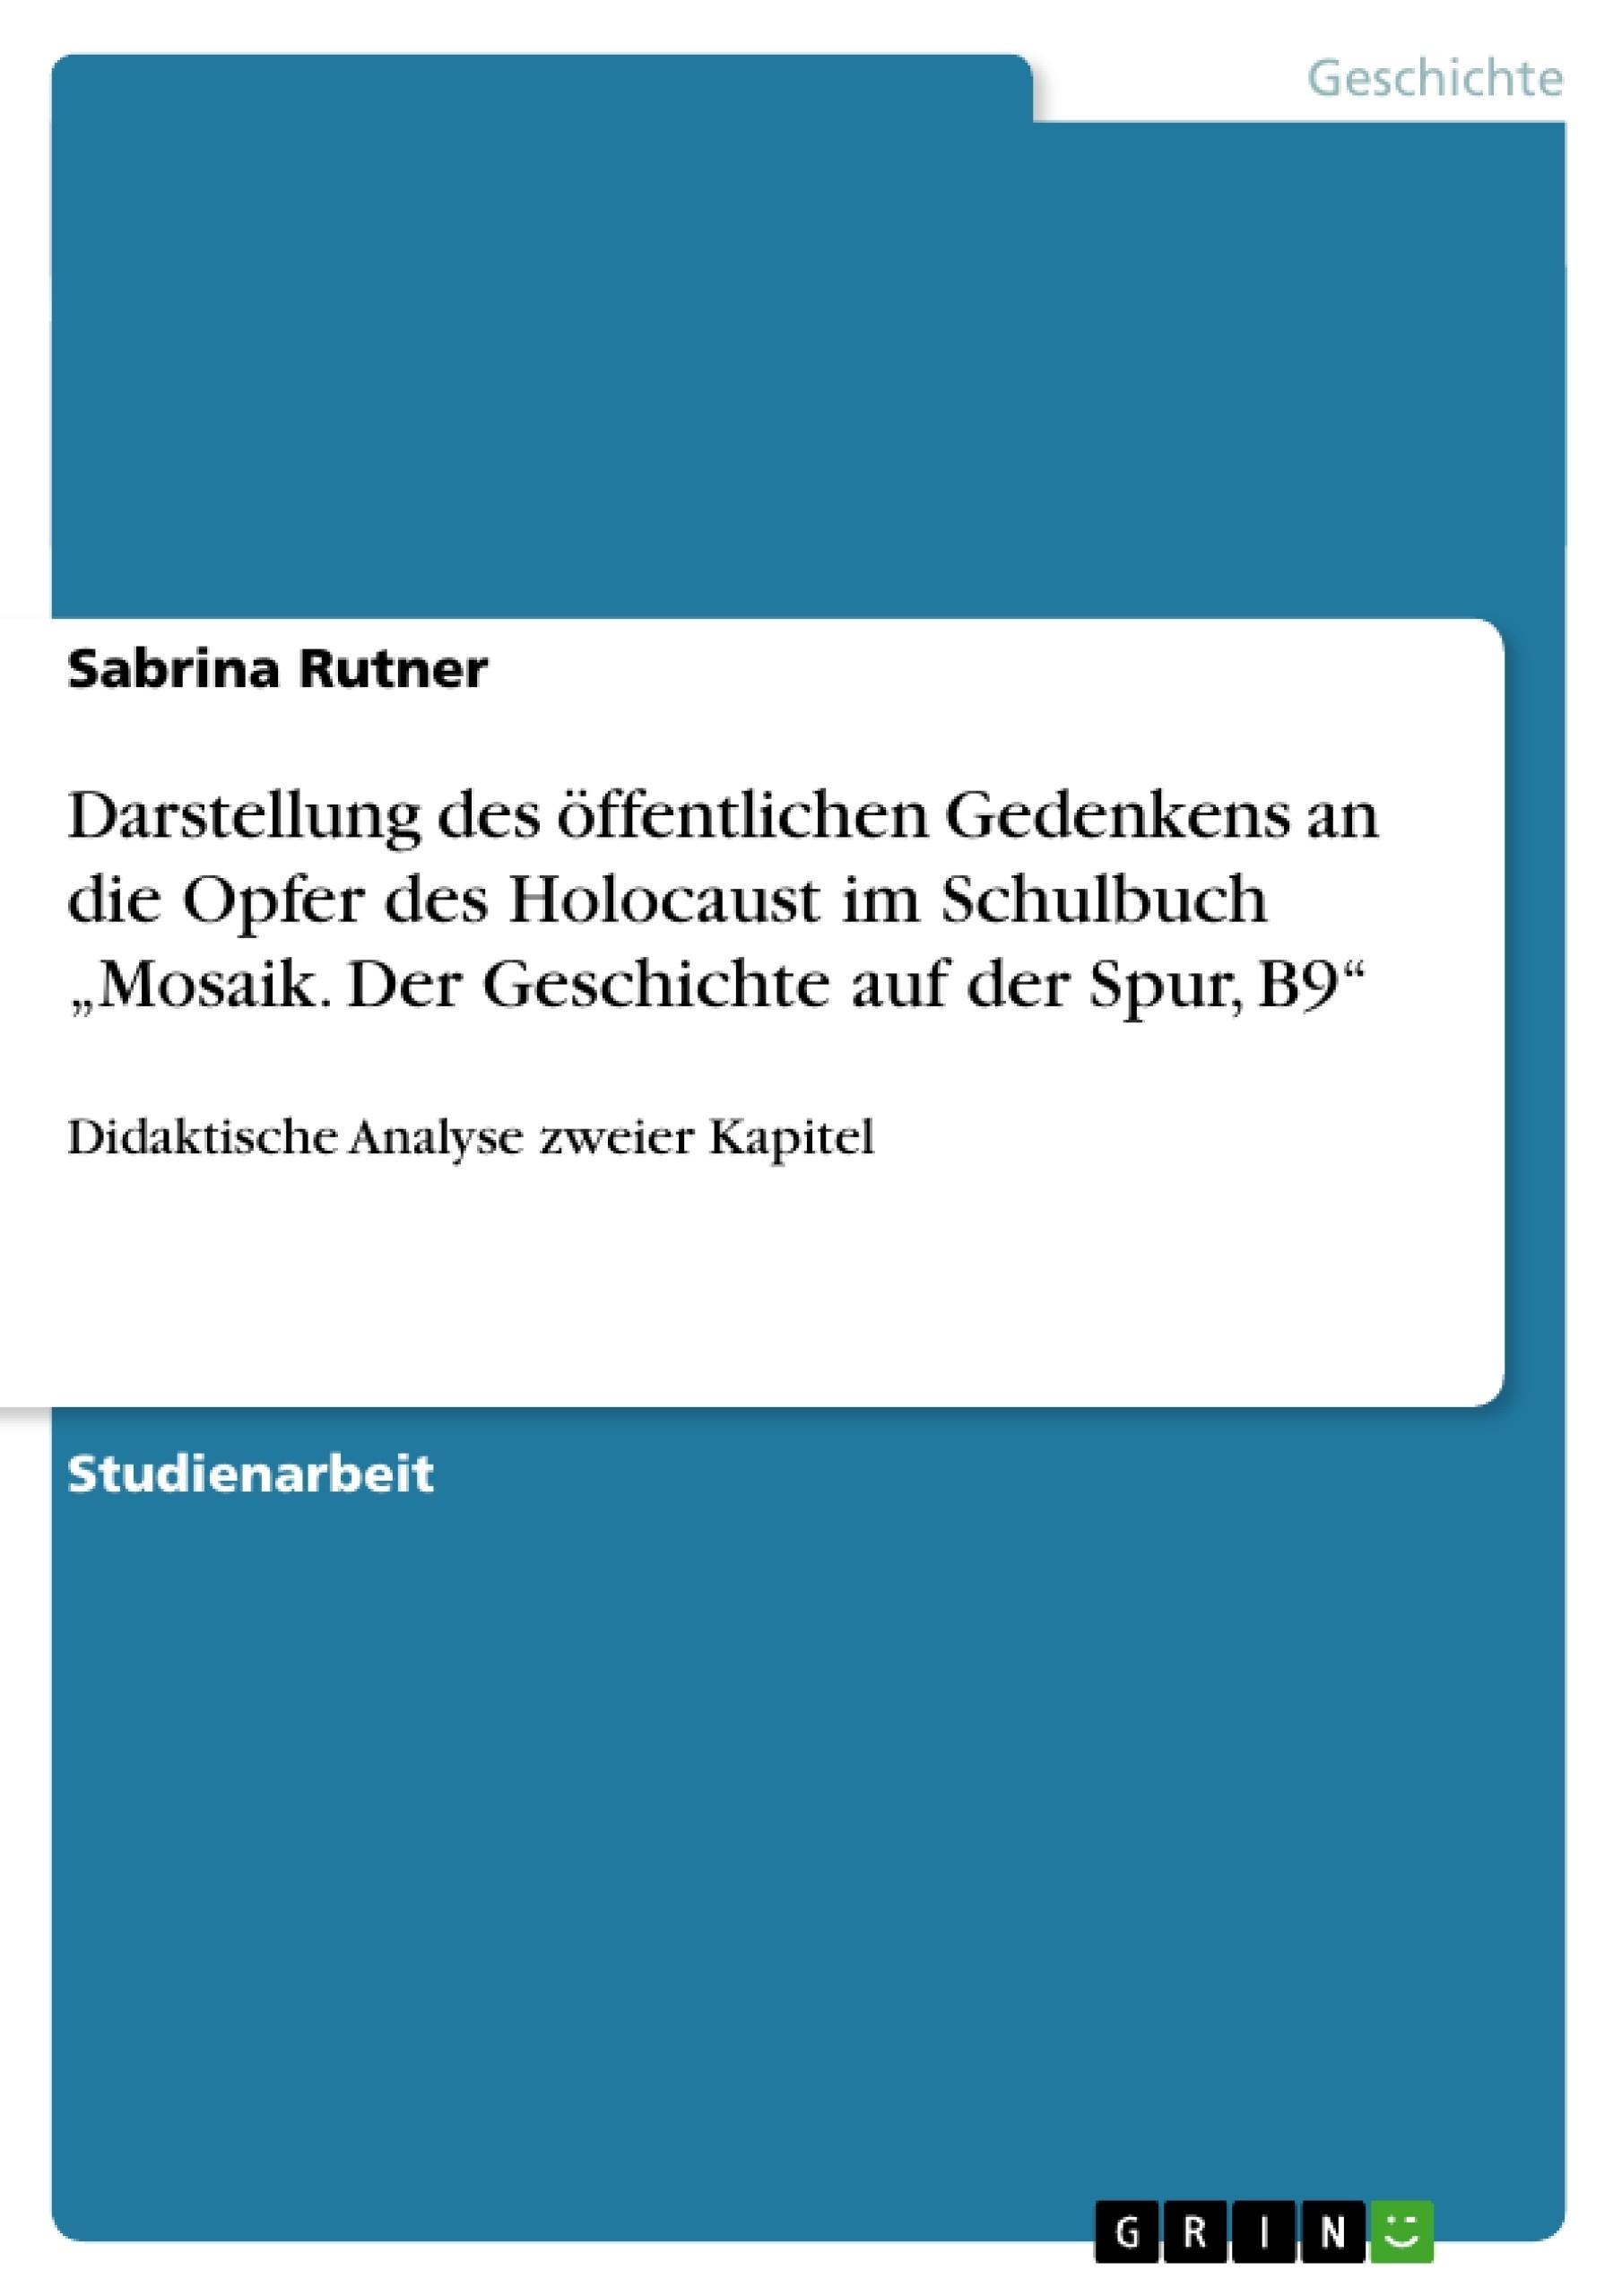 """Titel: Darstellung des öffentlichen Gedenkens an die Opfer des Holocaust im Schulbuch """"Mosaik. Der Geschichte auf der Spur, B9"""""""